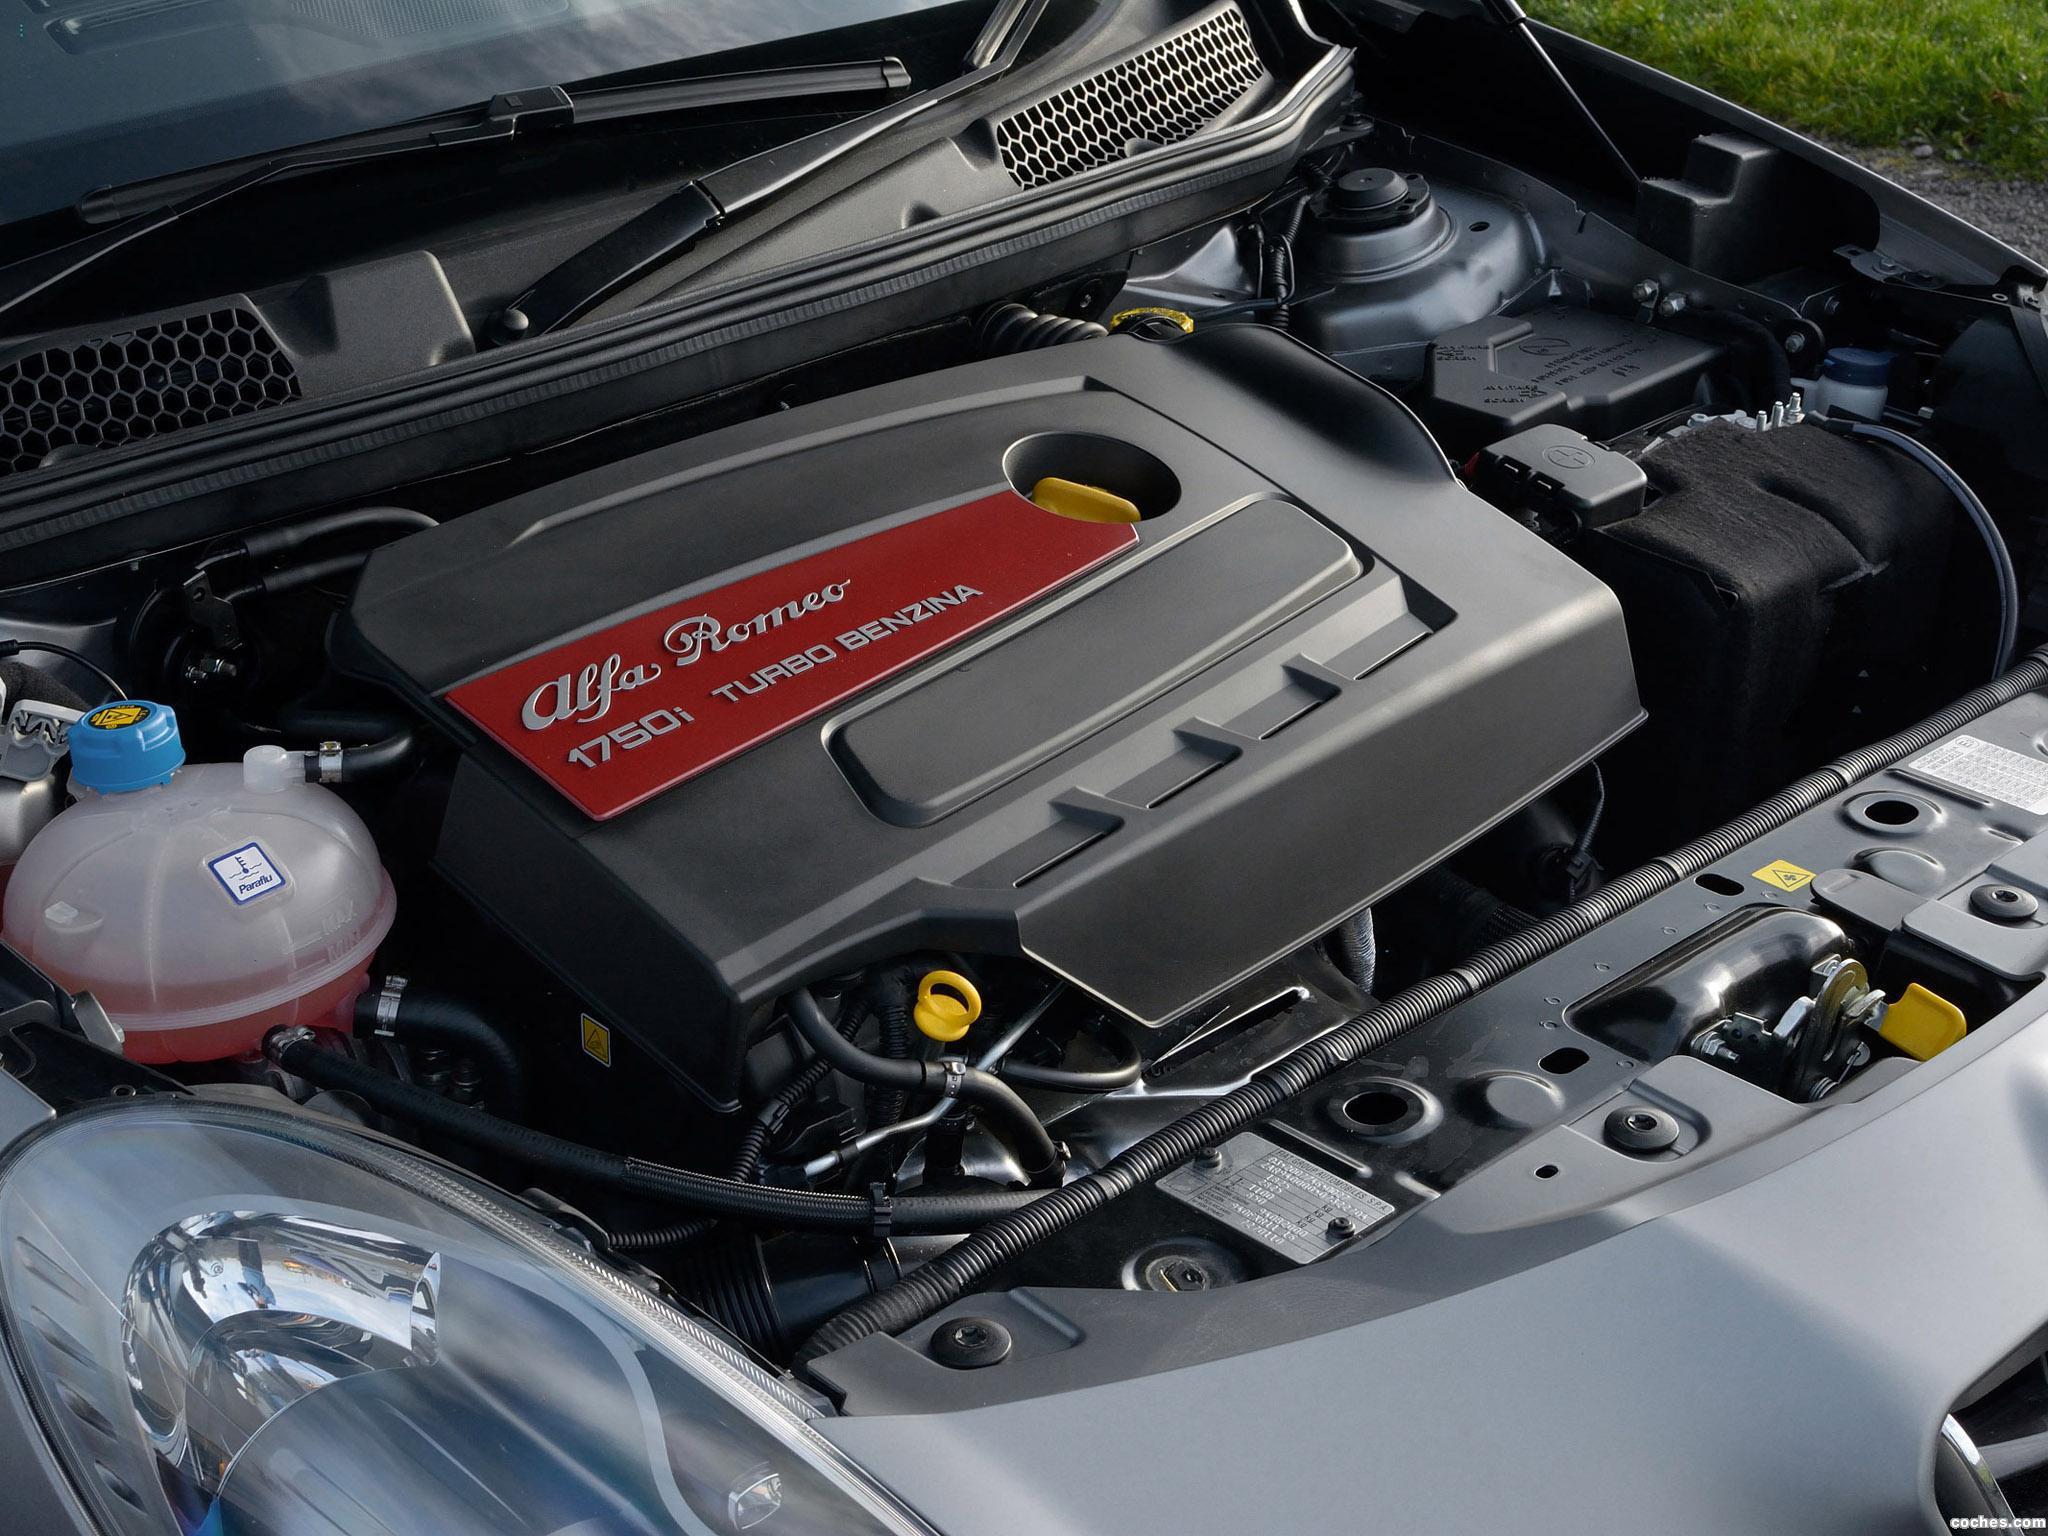 Foto 6 de Alfa Romeo Giulietta Quadrifoglio Verde Launch Edition UK 2014